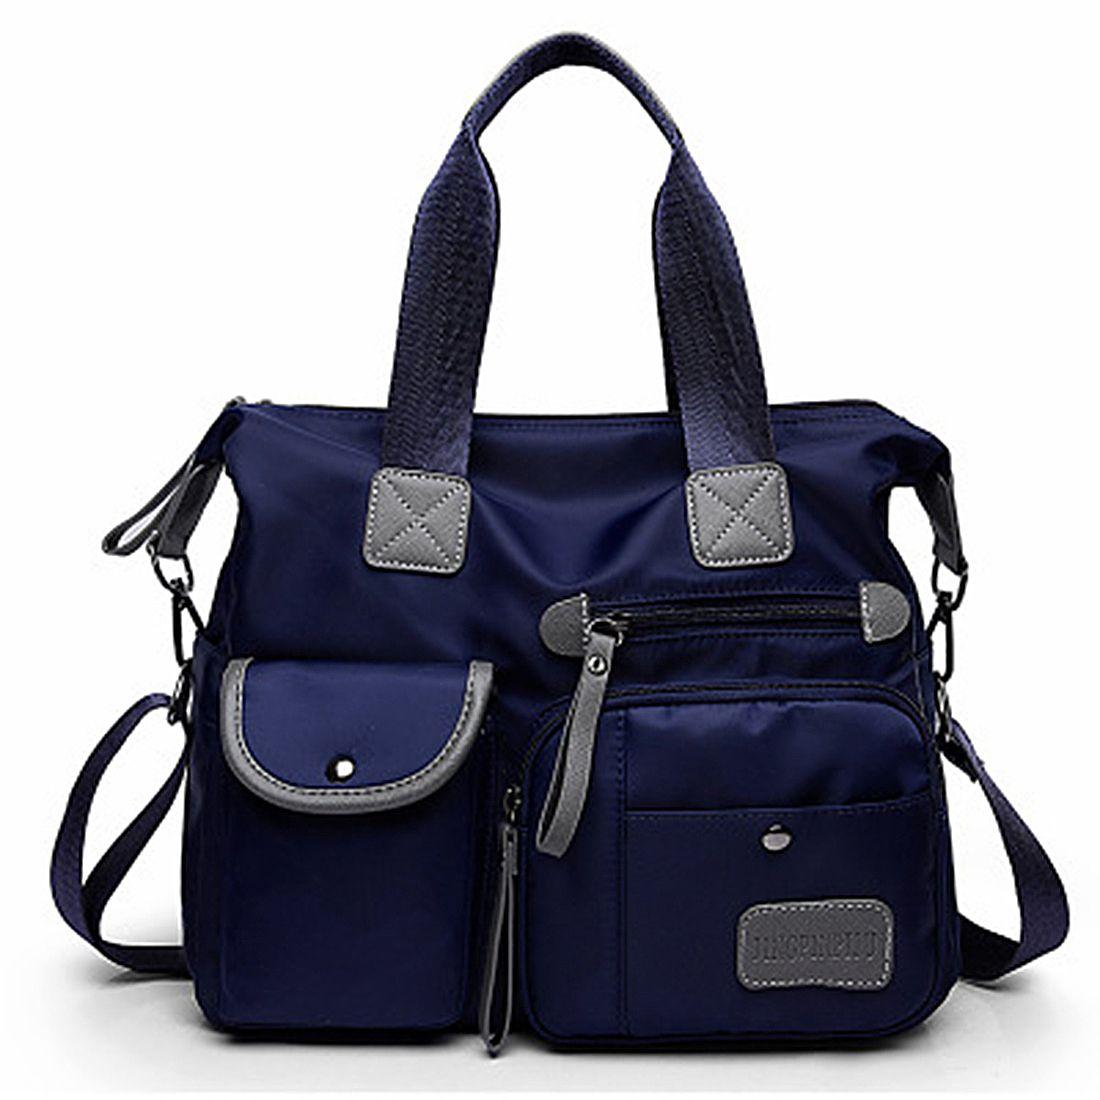 Новая женская модная водонепроницаемая сумка-тоут из ткани Оксфорд, Повседневная нейлоновая сумка на плечо, сумка для мам, вместительная Холщовая Сумка